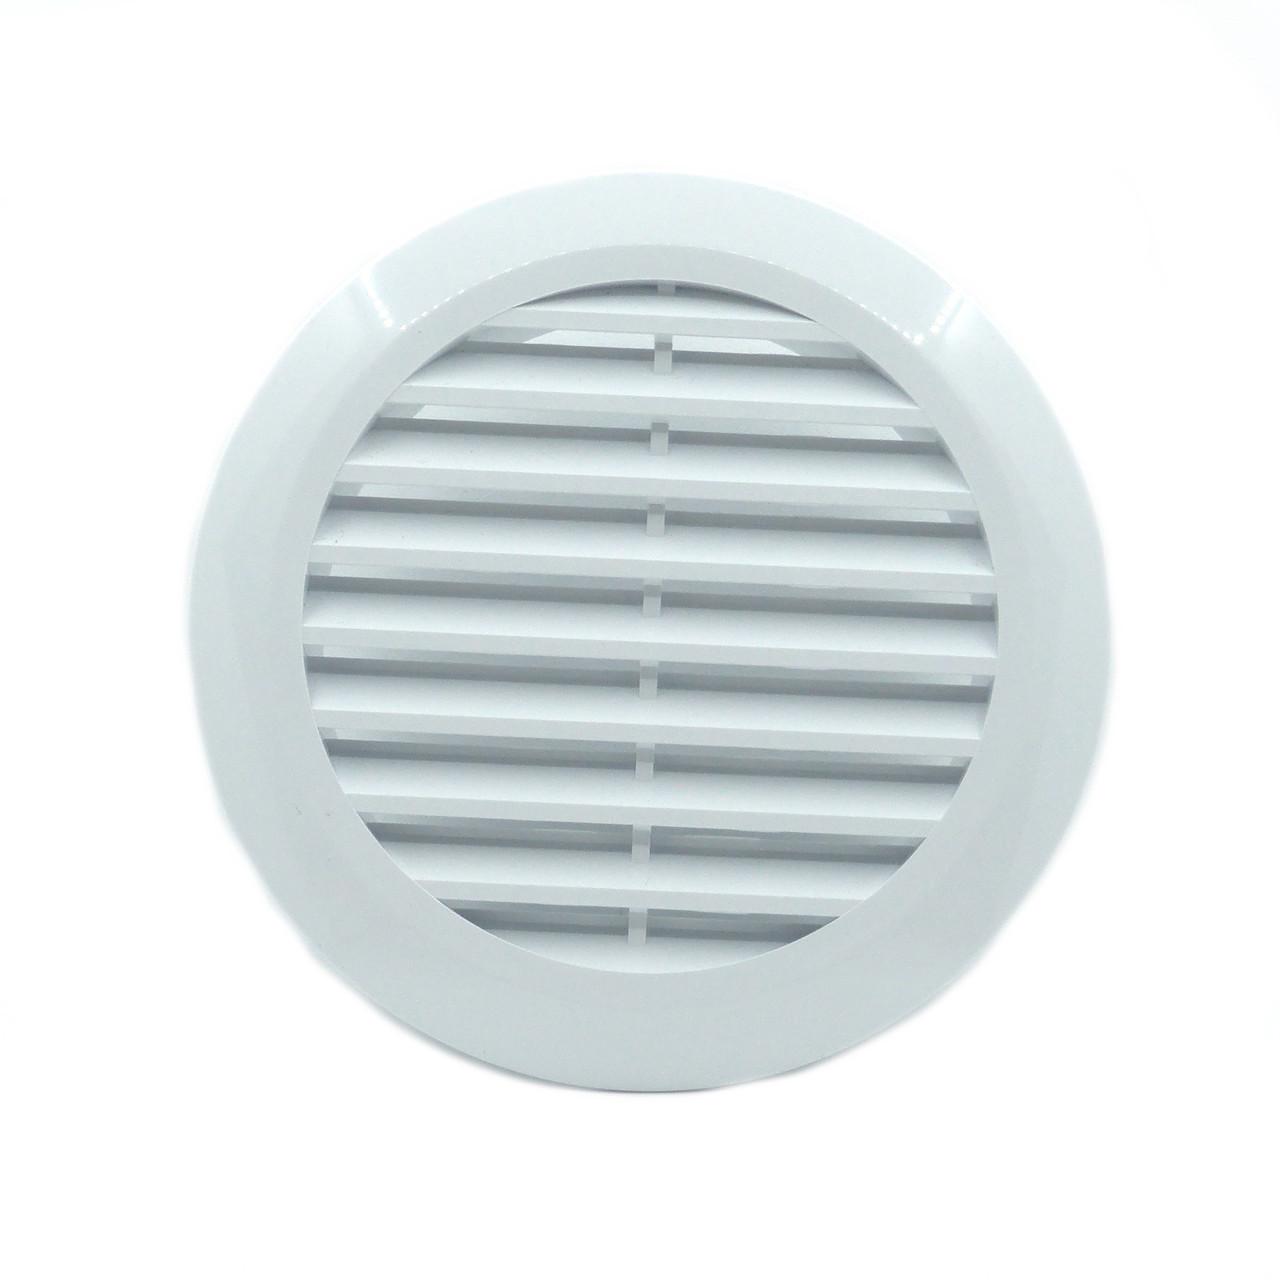 Круглая вентиляционная решетка для натяжных потолков - 125 мм, для потолочной вентиляции